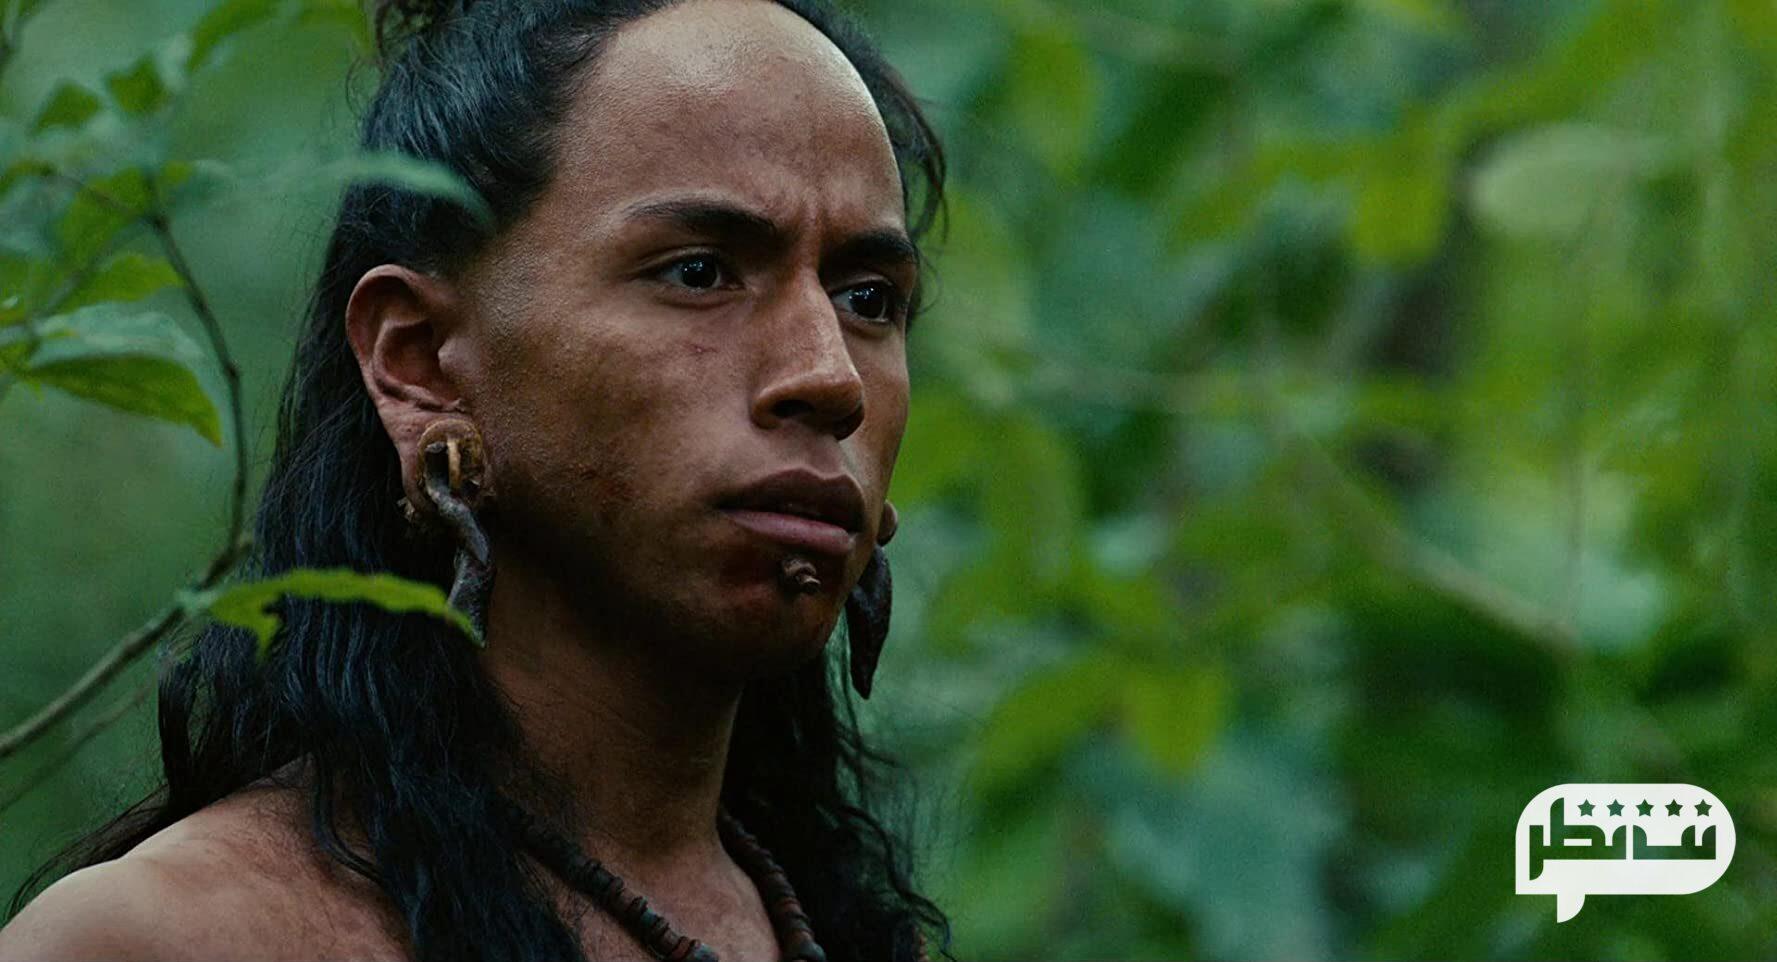 فیلم ژانر بقا آپوکالیپتو